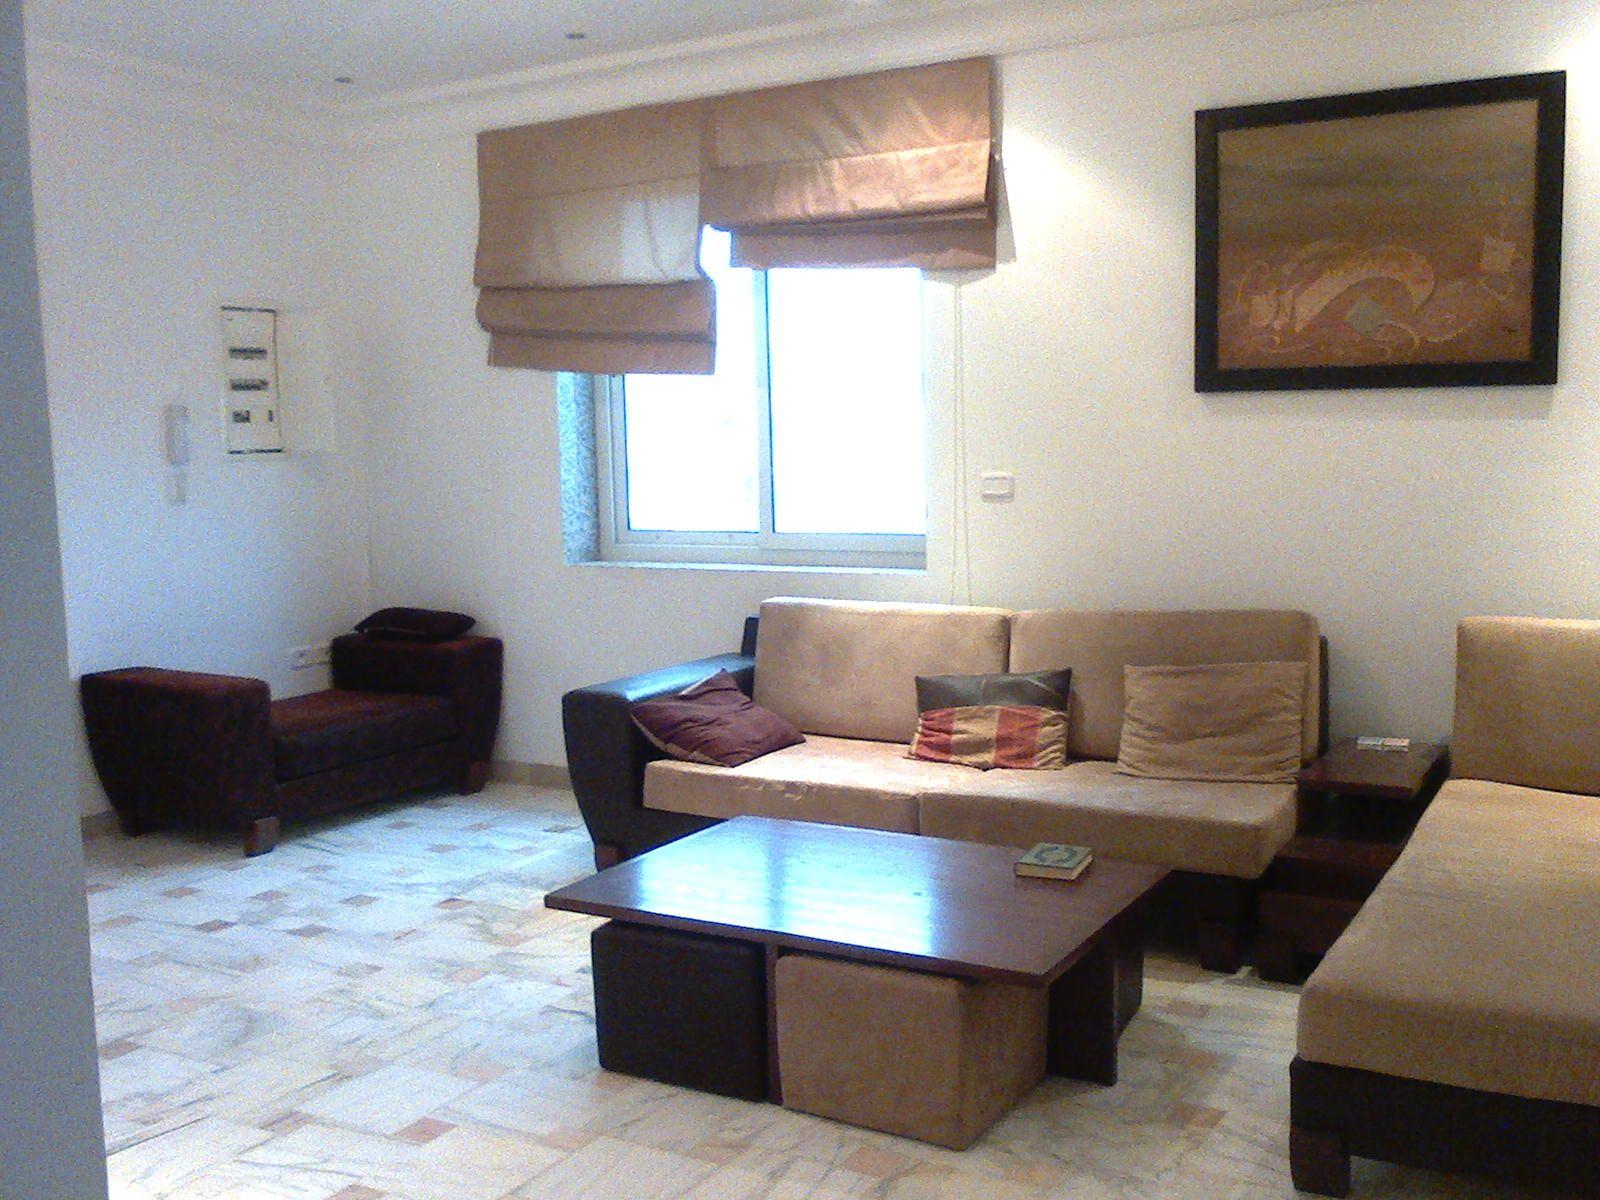 Av appartement moderne et de style hammametois